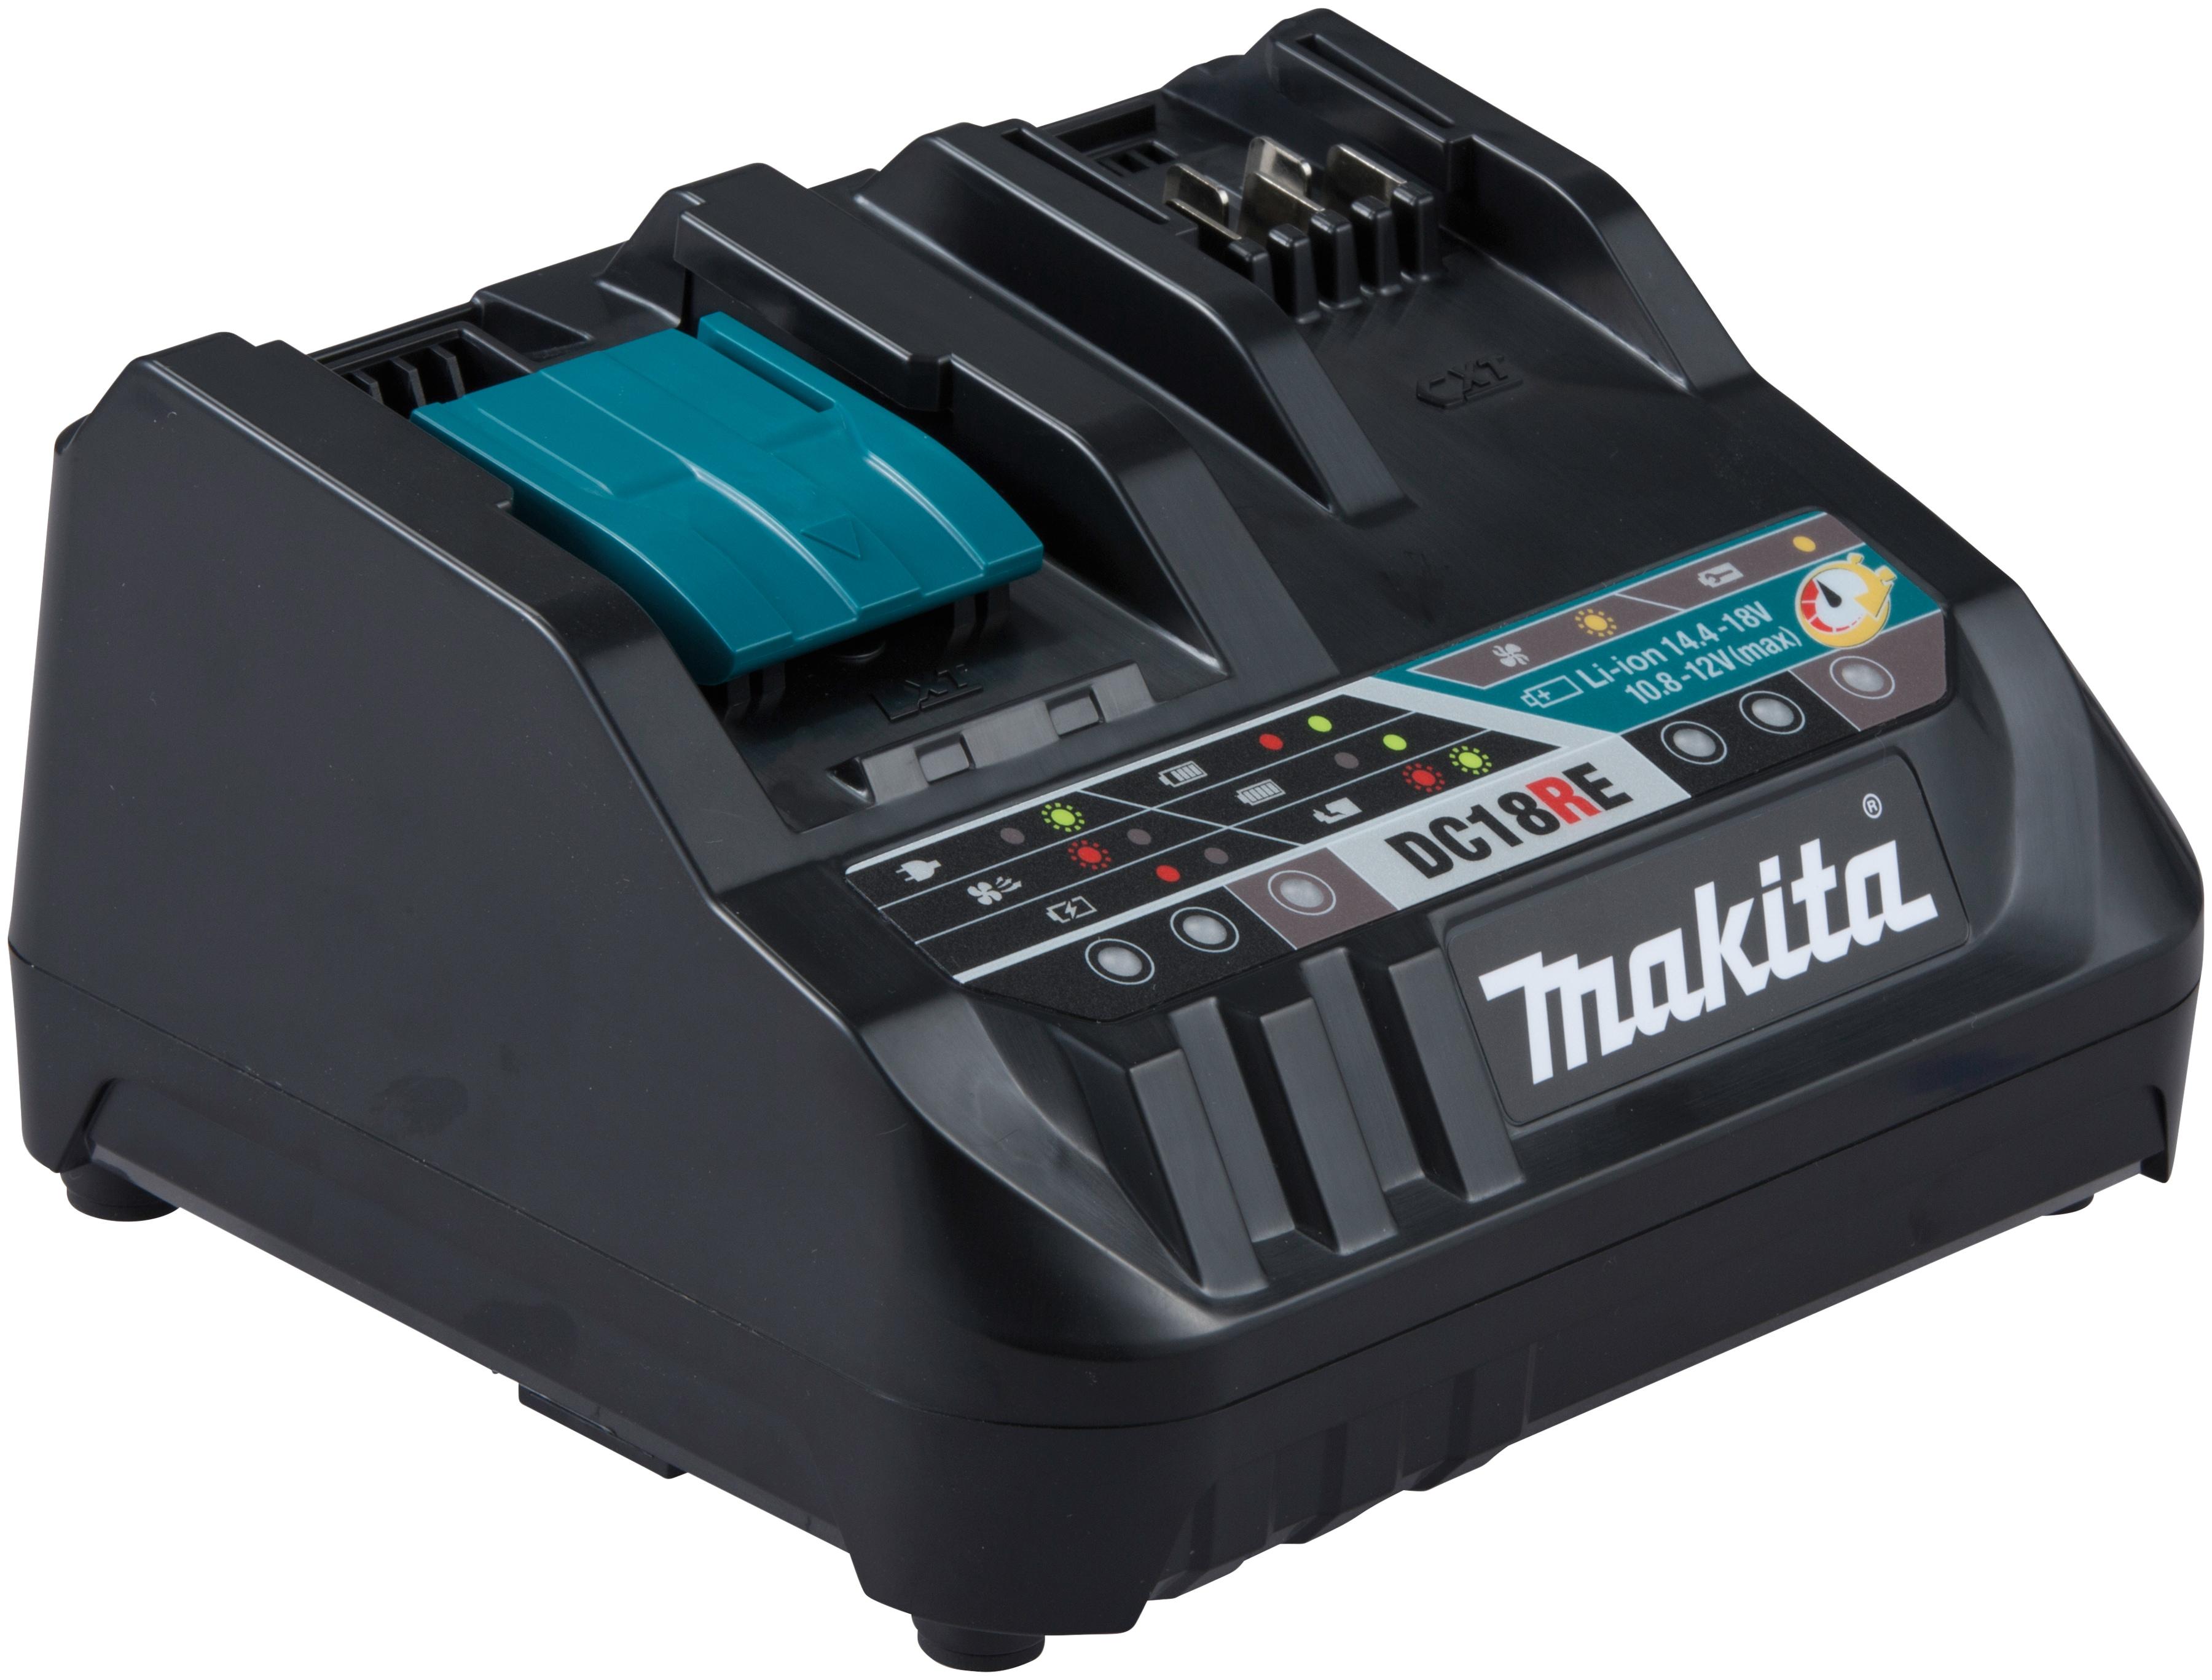 Makita Schnelllade-Gerät DC18RE Duo, (1 St.), Schnellladegerät für Makita CXT- und LXT-Akkus